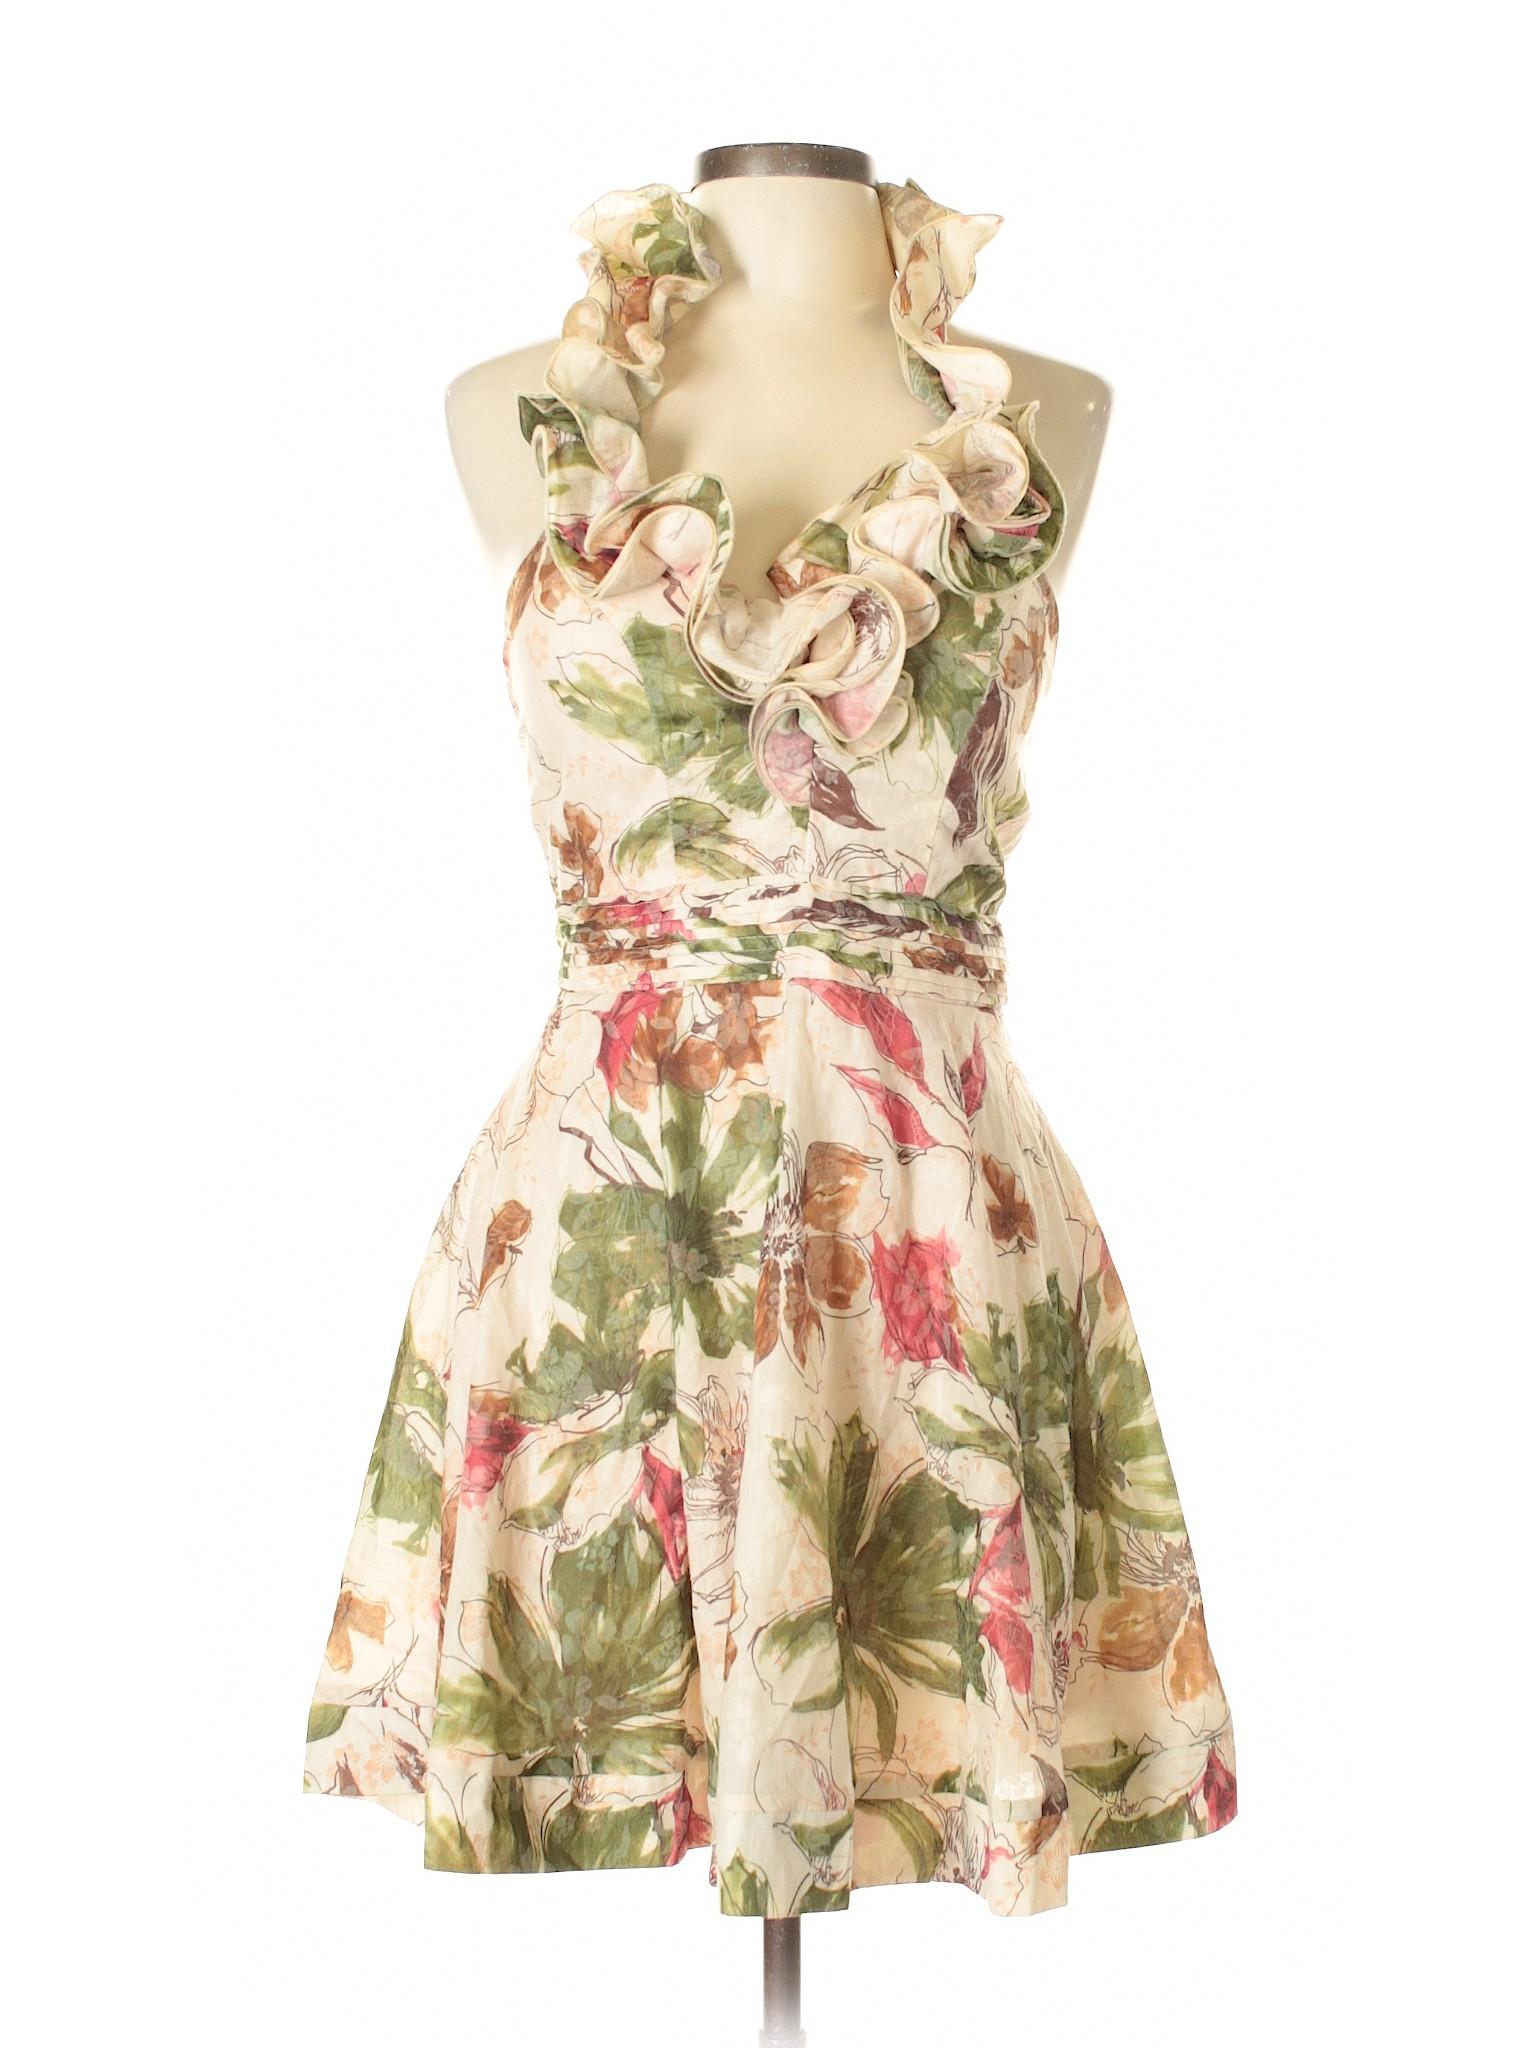 winter Casual Marineblu winter Boutique Marineblu Boutique winter Dress Dress Casual Boutique F4Hqa6